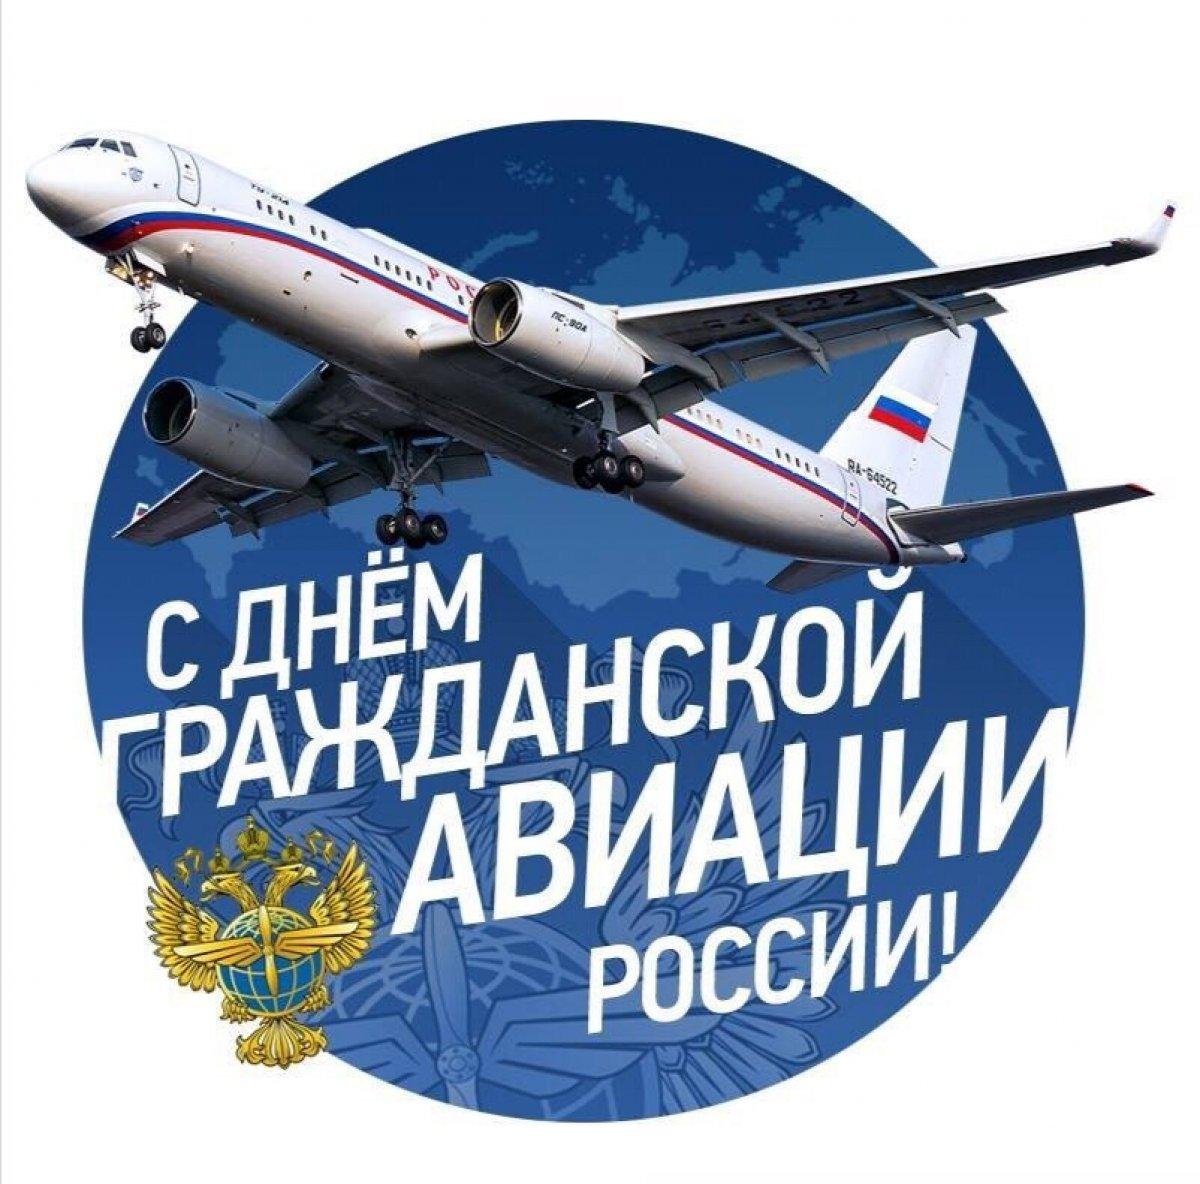 Сегодня День Гражданской Авиации России, и мы поздравляем всех работников воздушных путей с праздником! Безмерного Вам счастья, высокого профессионализма в работе и покорения новых вершин🛫